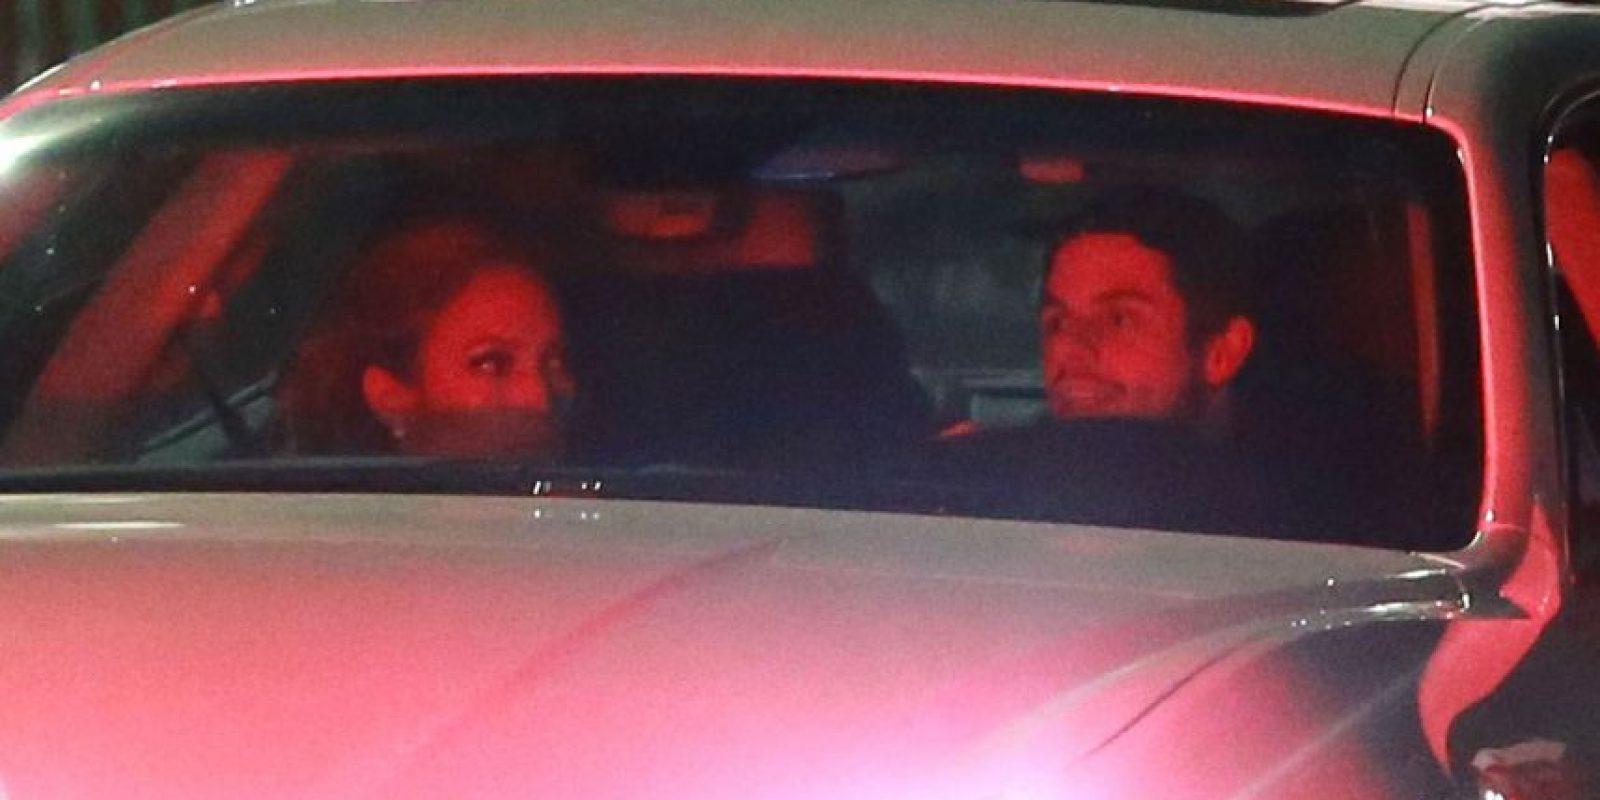 Ambos continúan negando su relación Foto:Grosby Group